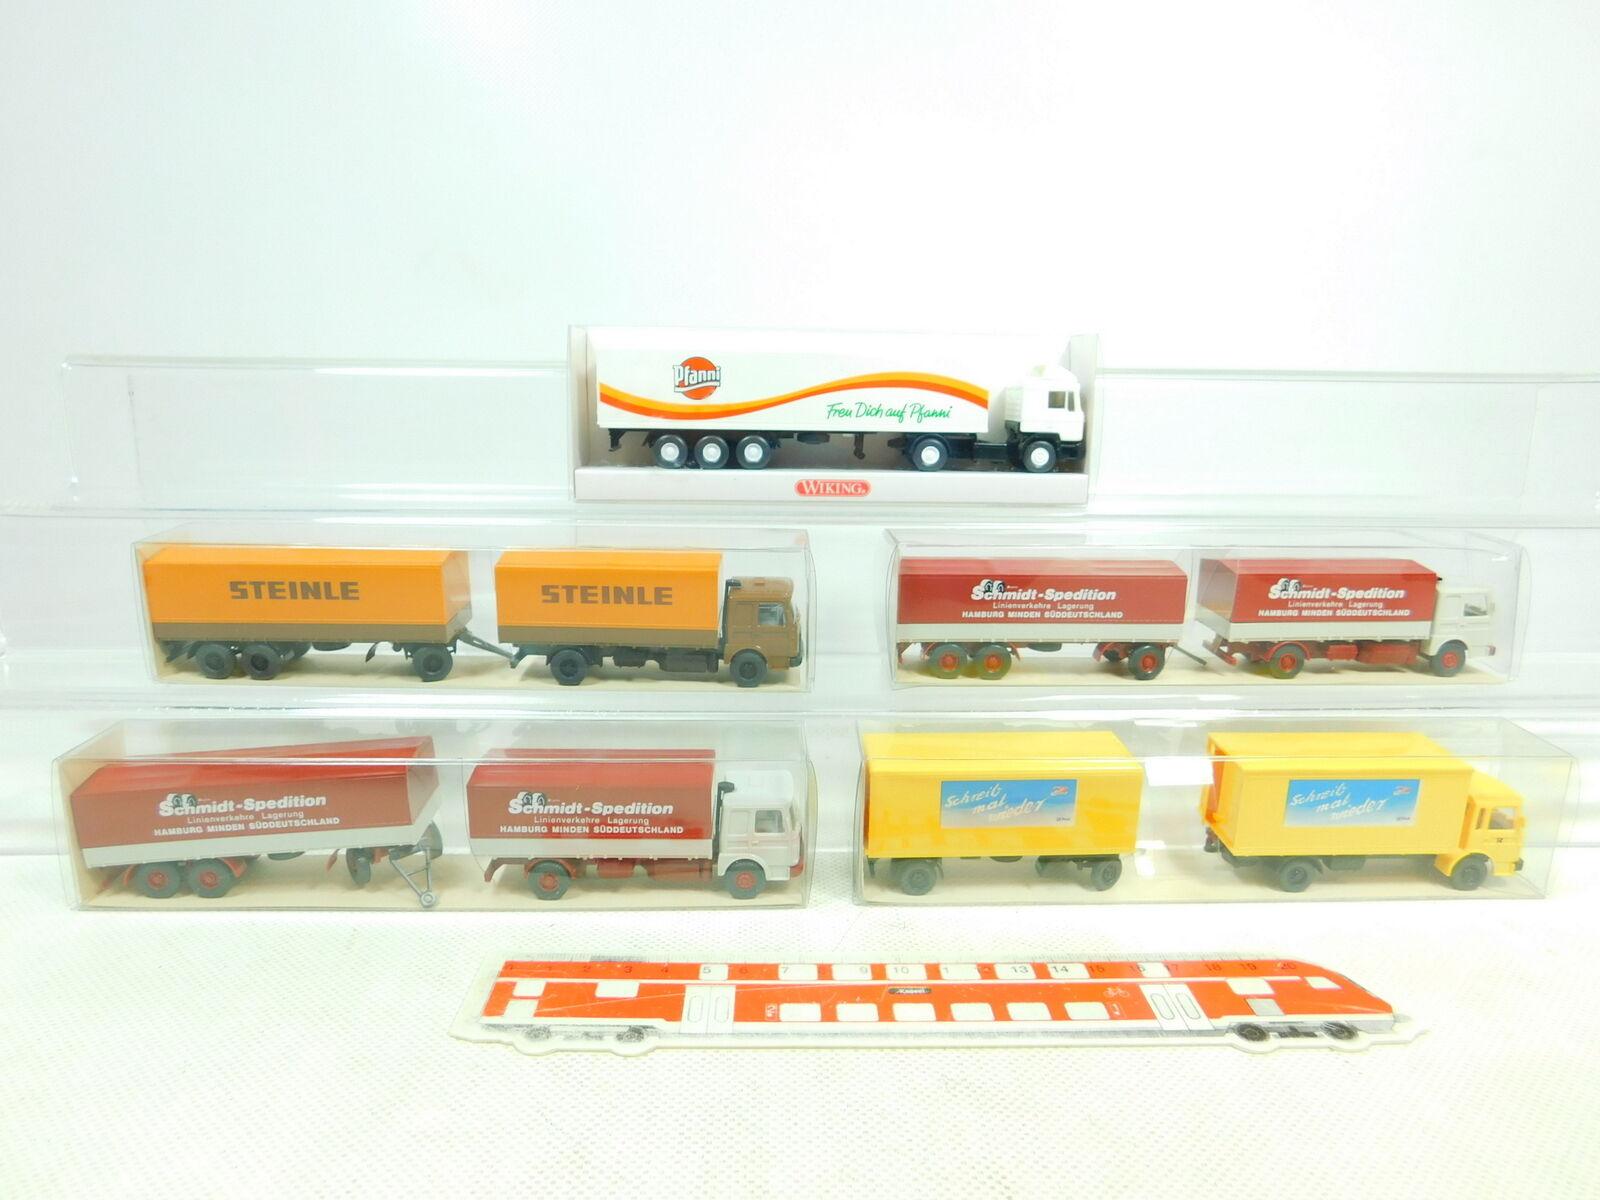 BT331-0,5  5x Wiking H0 1 87 LKW MAN  551  473 Schmidt Steinle  541, NEUWOVP  | Moderne Muster